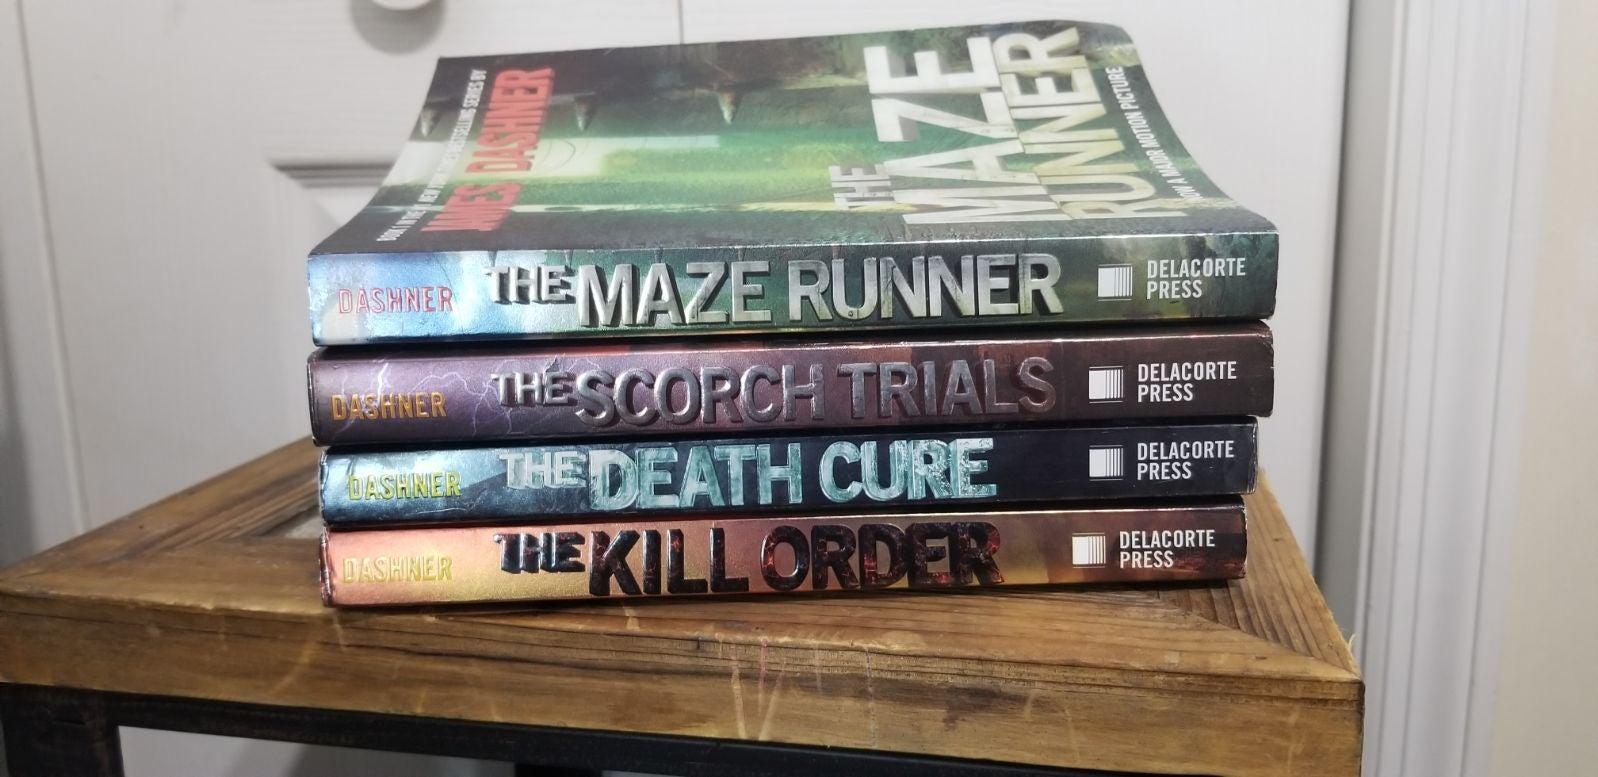 The Maze Runner books